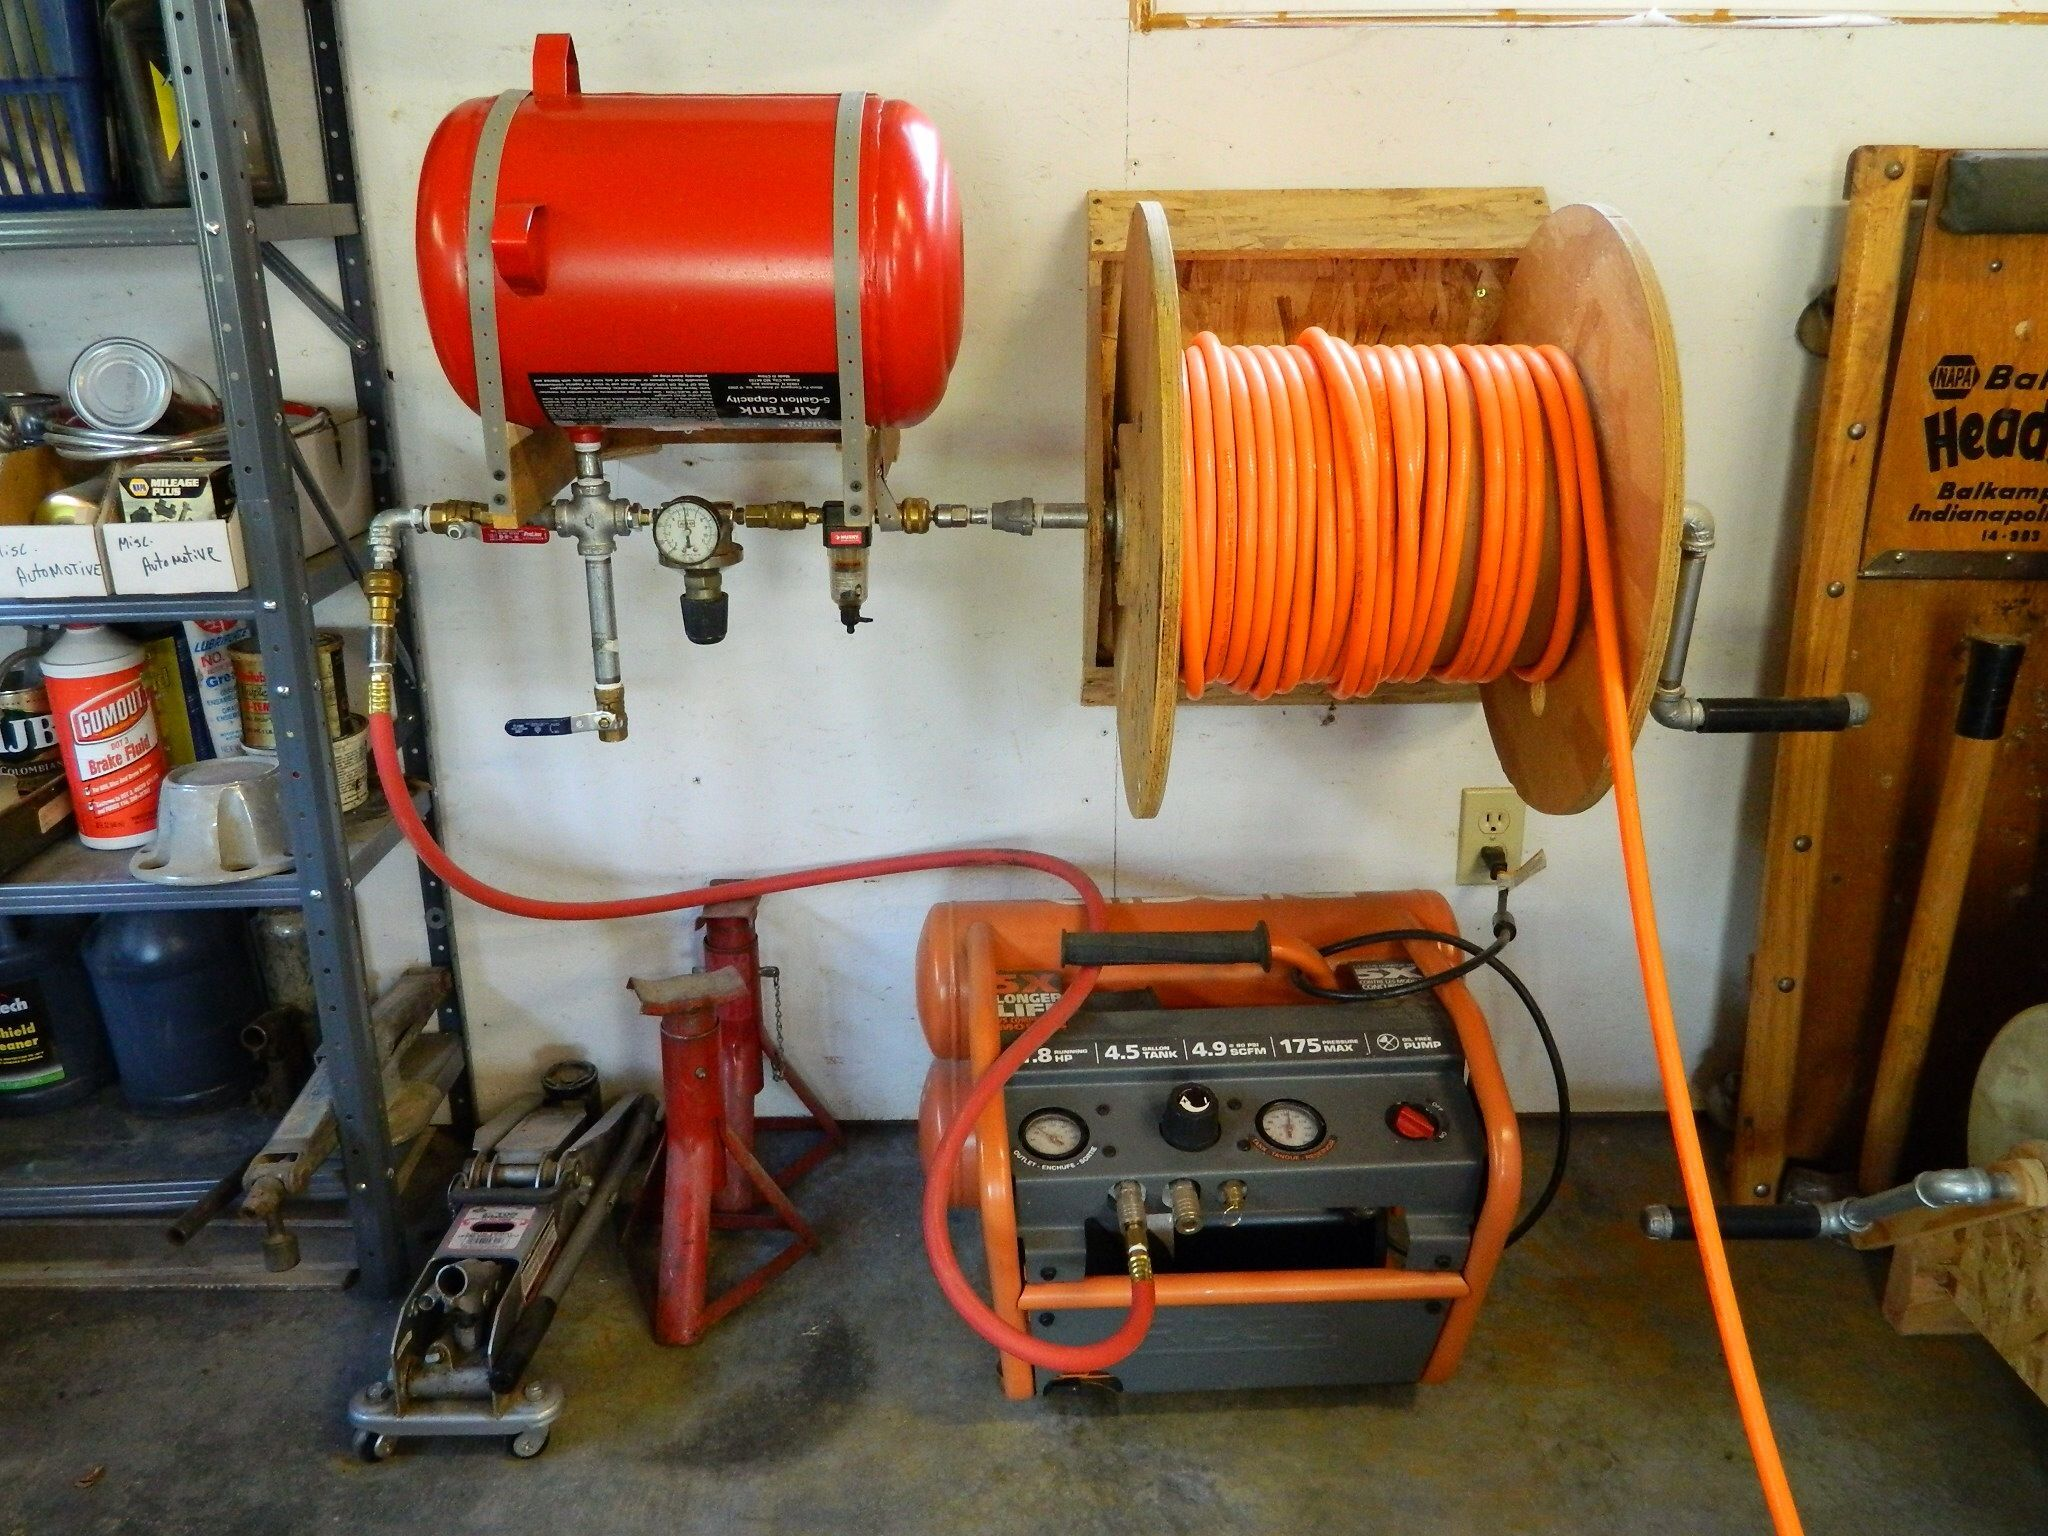 Shop Made Air Compressor Reel And Reserve Tank Garage Workshop Garage Tools Diy Garage